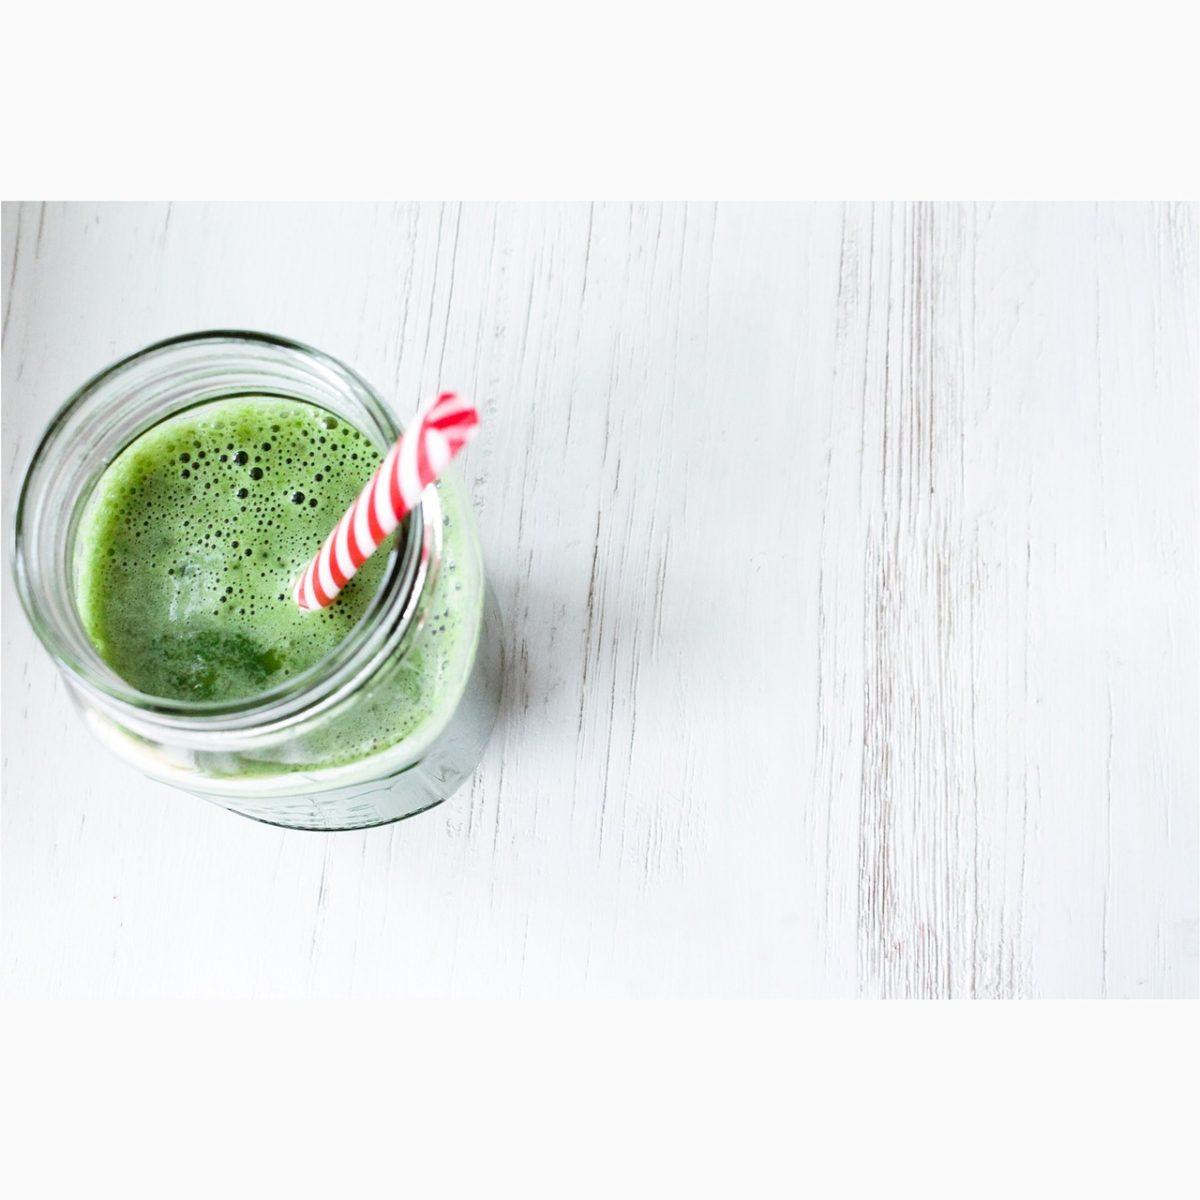 フレッシュフルーツ青汁で「サラサラ習慣」を目指すダイエットのご紹介!